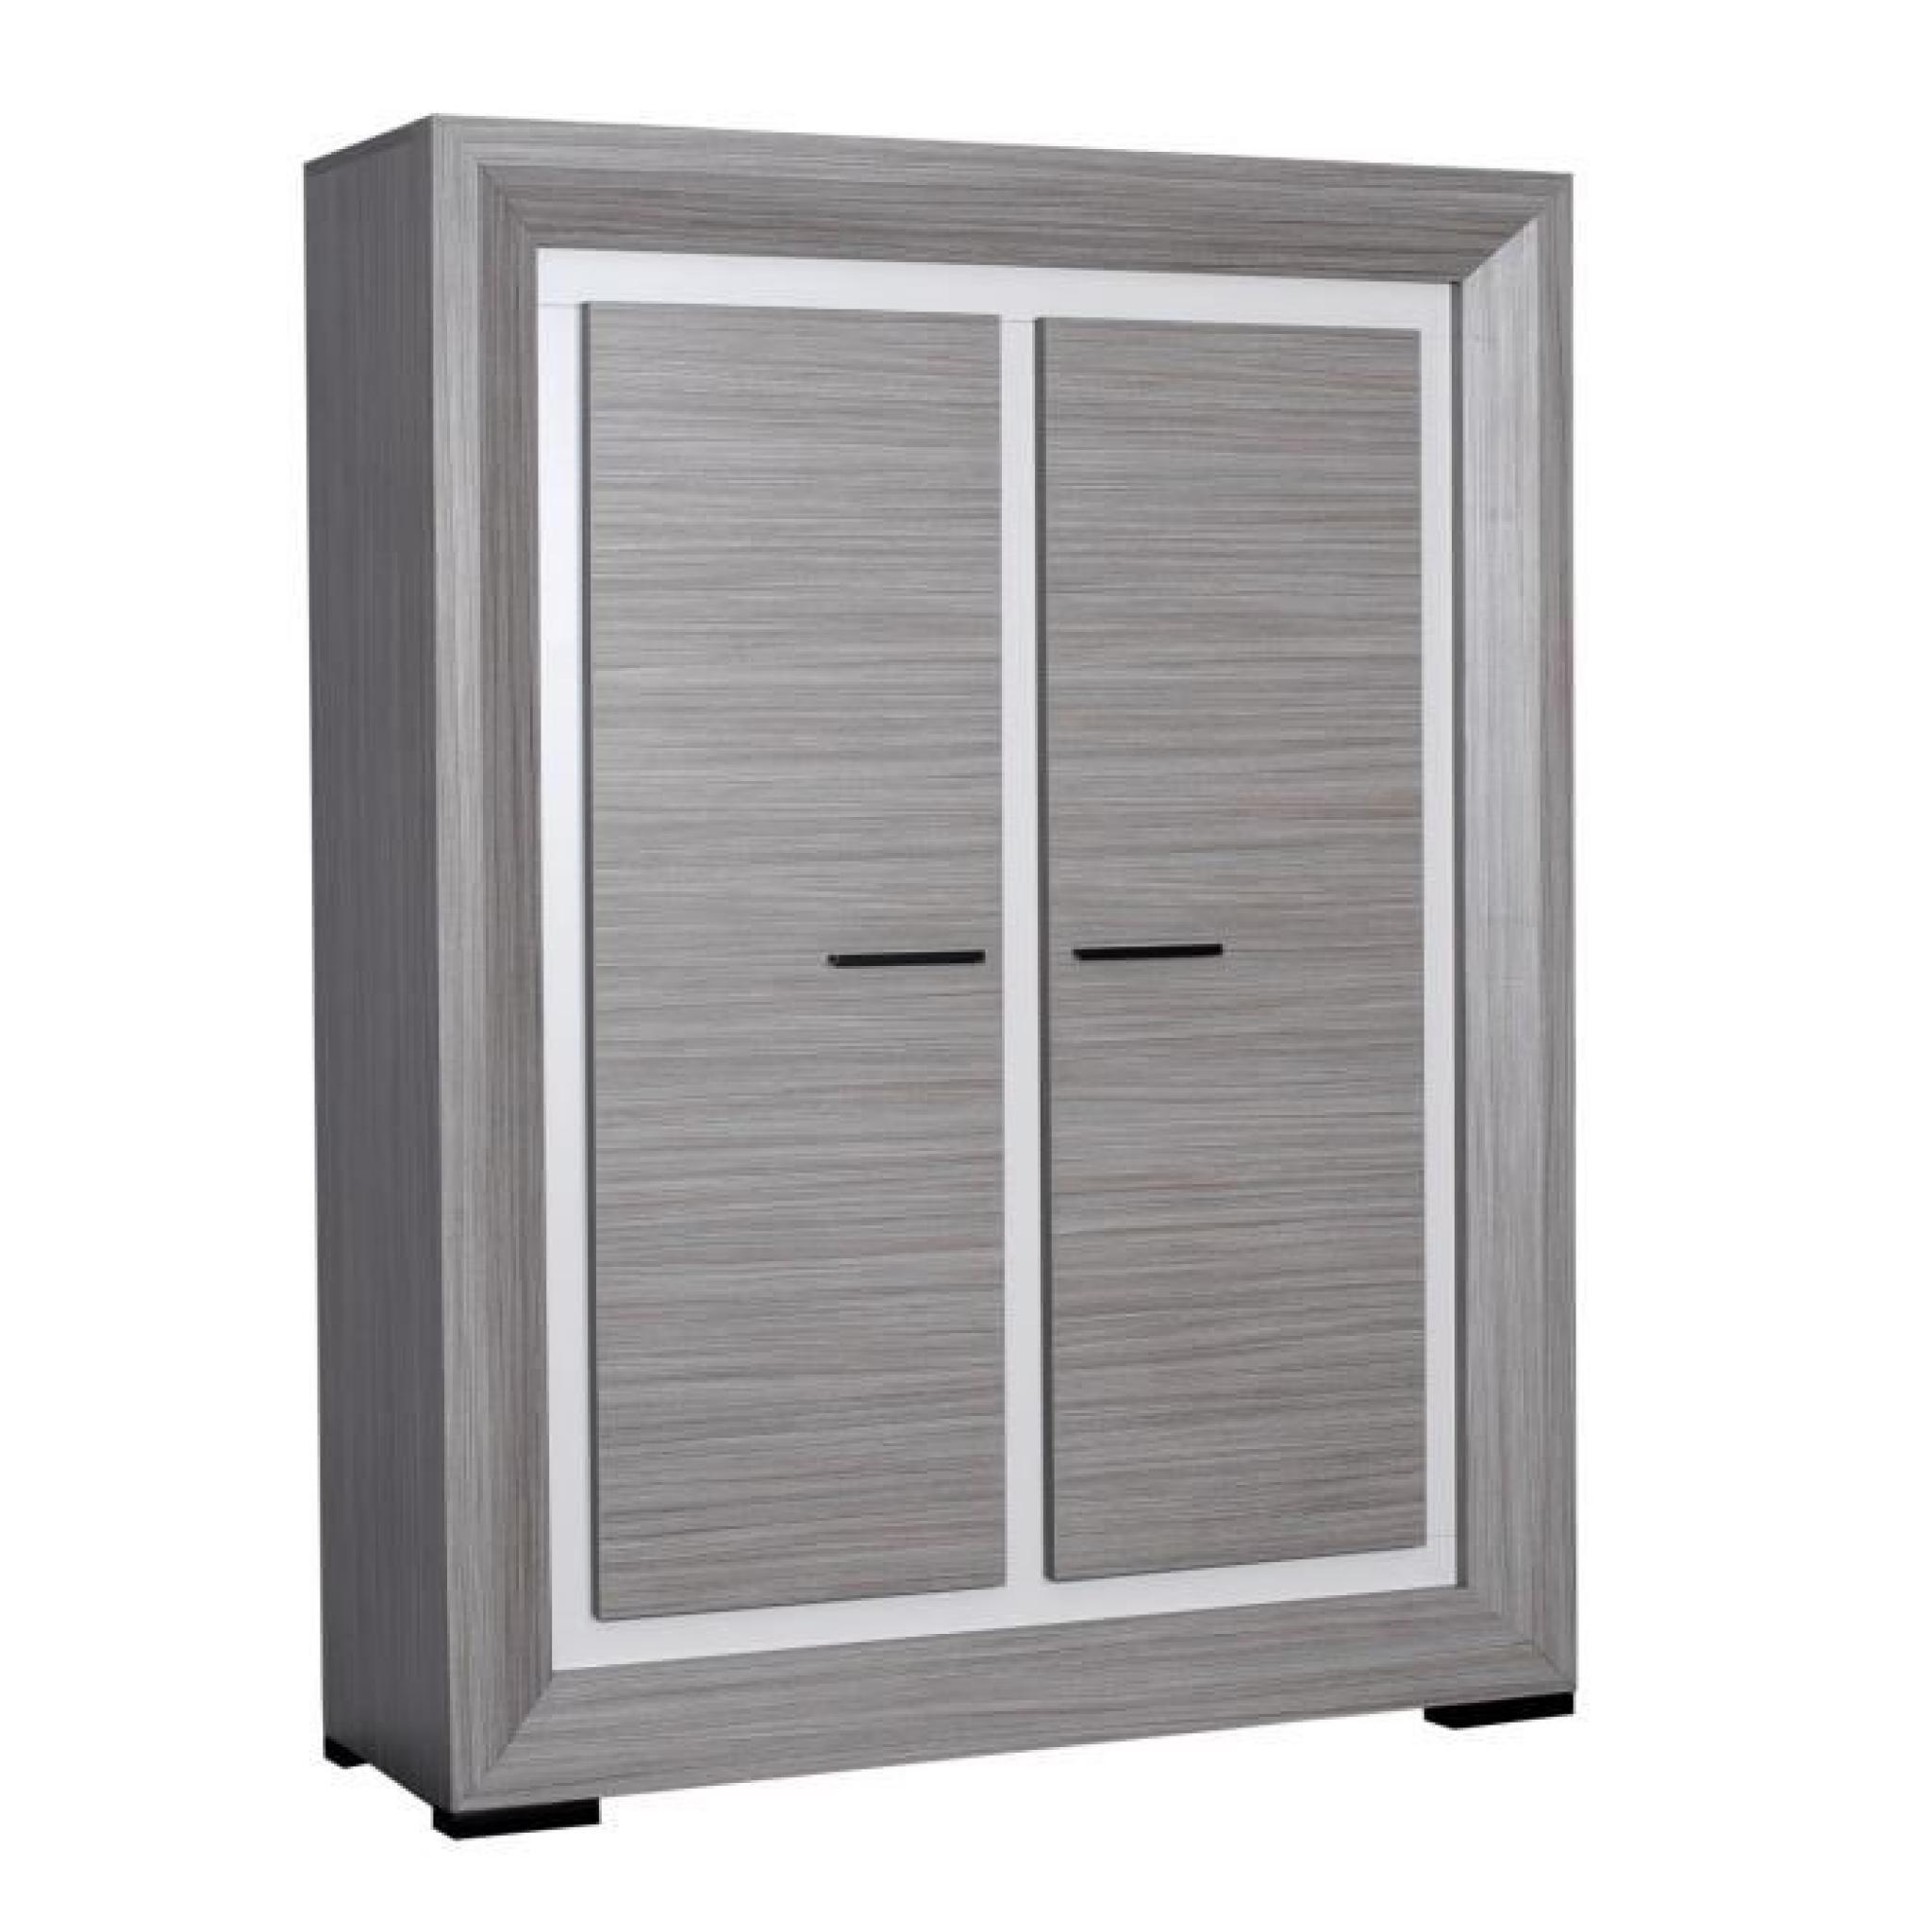 lynea buffet haut bois gris et laque l125 cm achat vente buffet pas cher couleur et. Black Bedroom Furniture Sets. Home Design Ideas